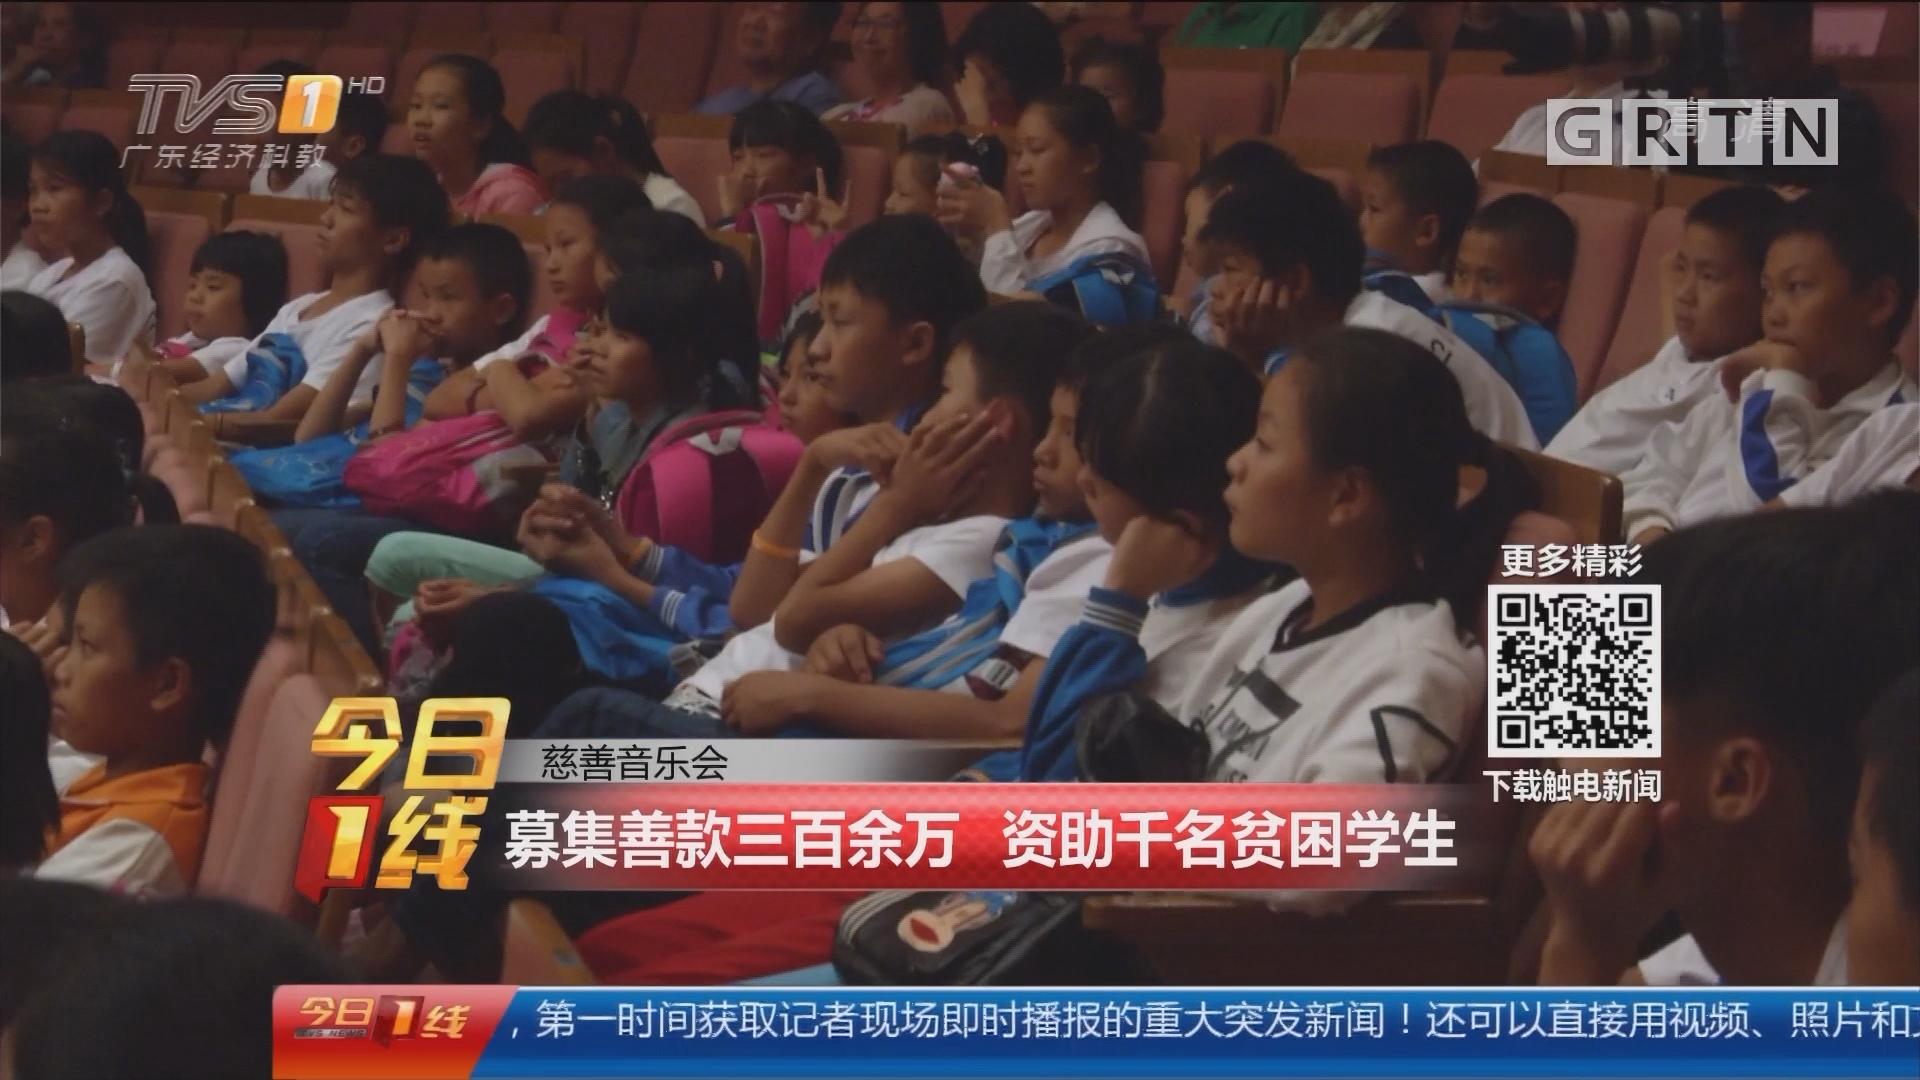 慈善音乐会:募集善款三百余万 资助千名贫困学生